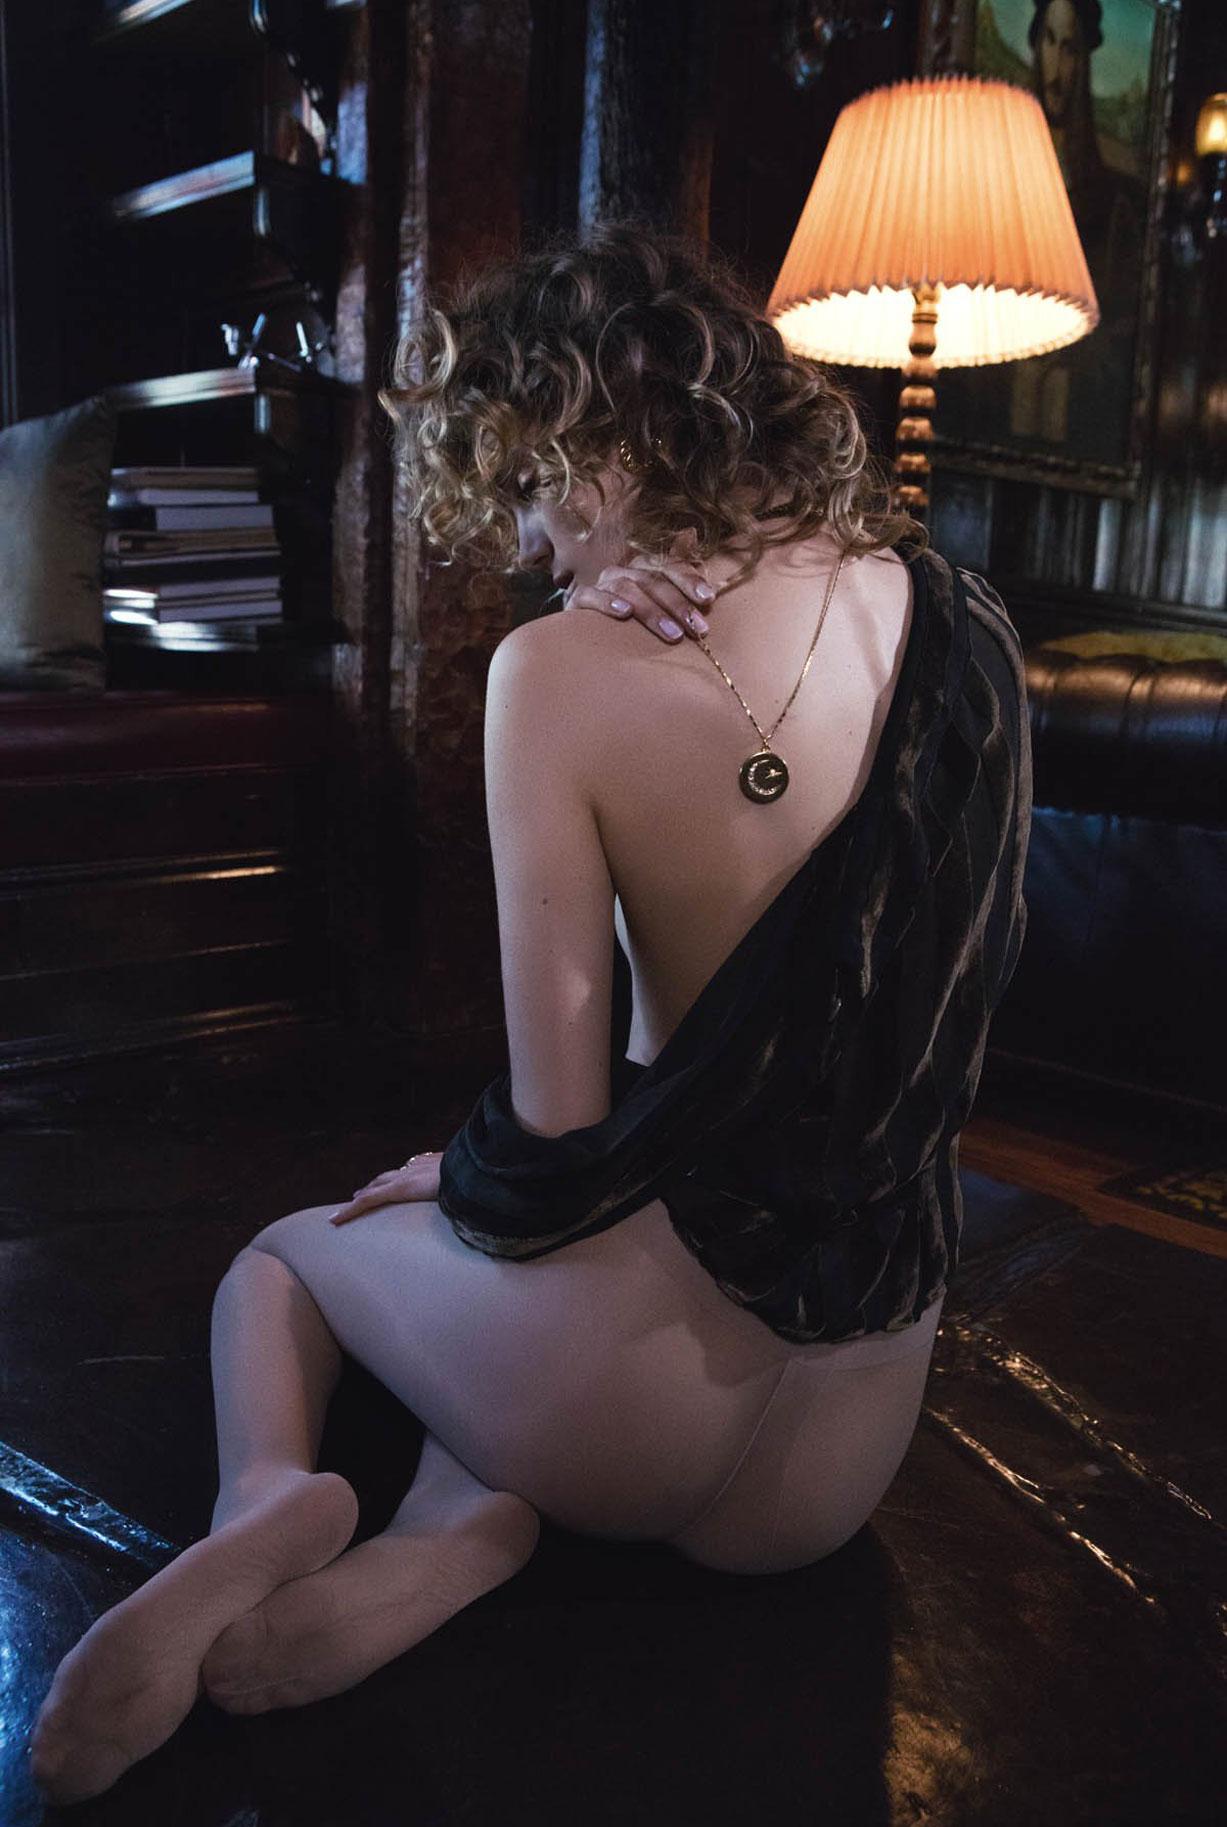 Жужу Иванюк в рекламной кампании одежды и драгоценностей модного бренда Vanessa Mooney / фото 15